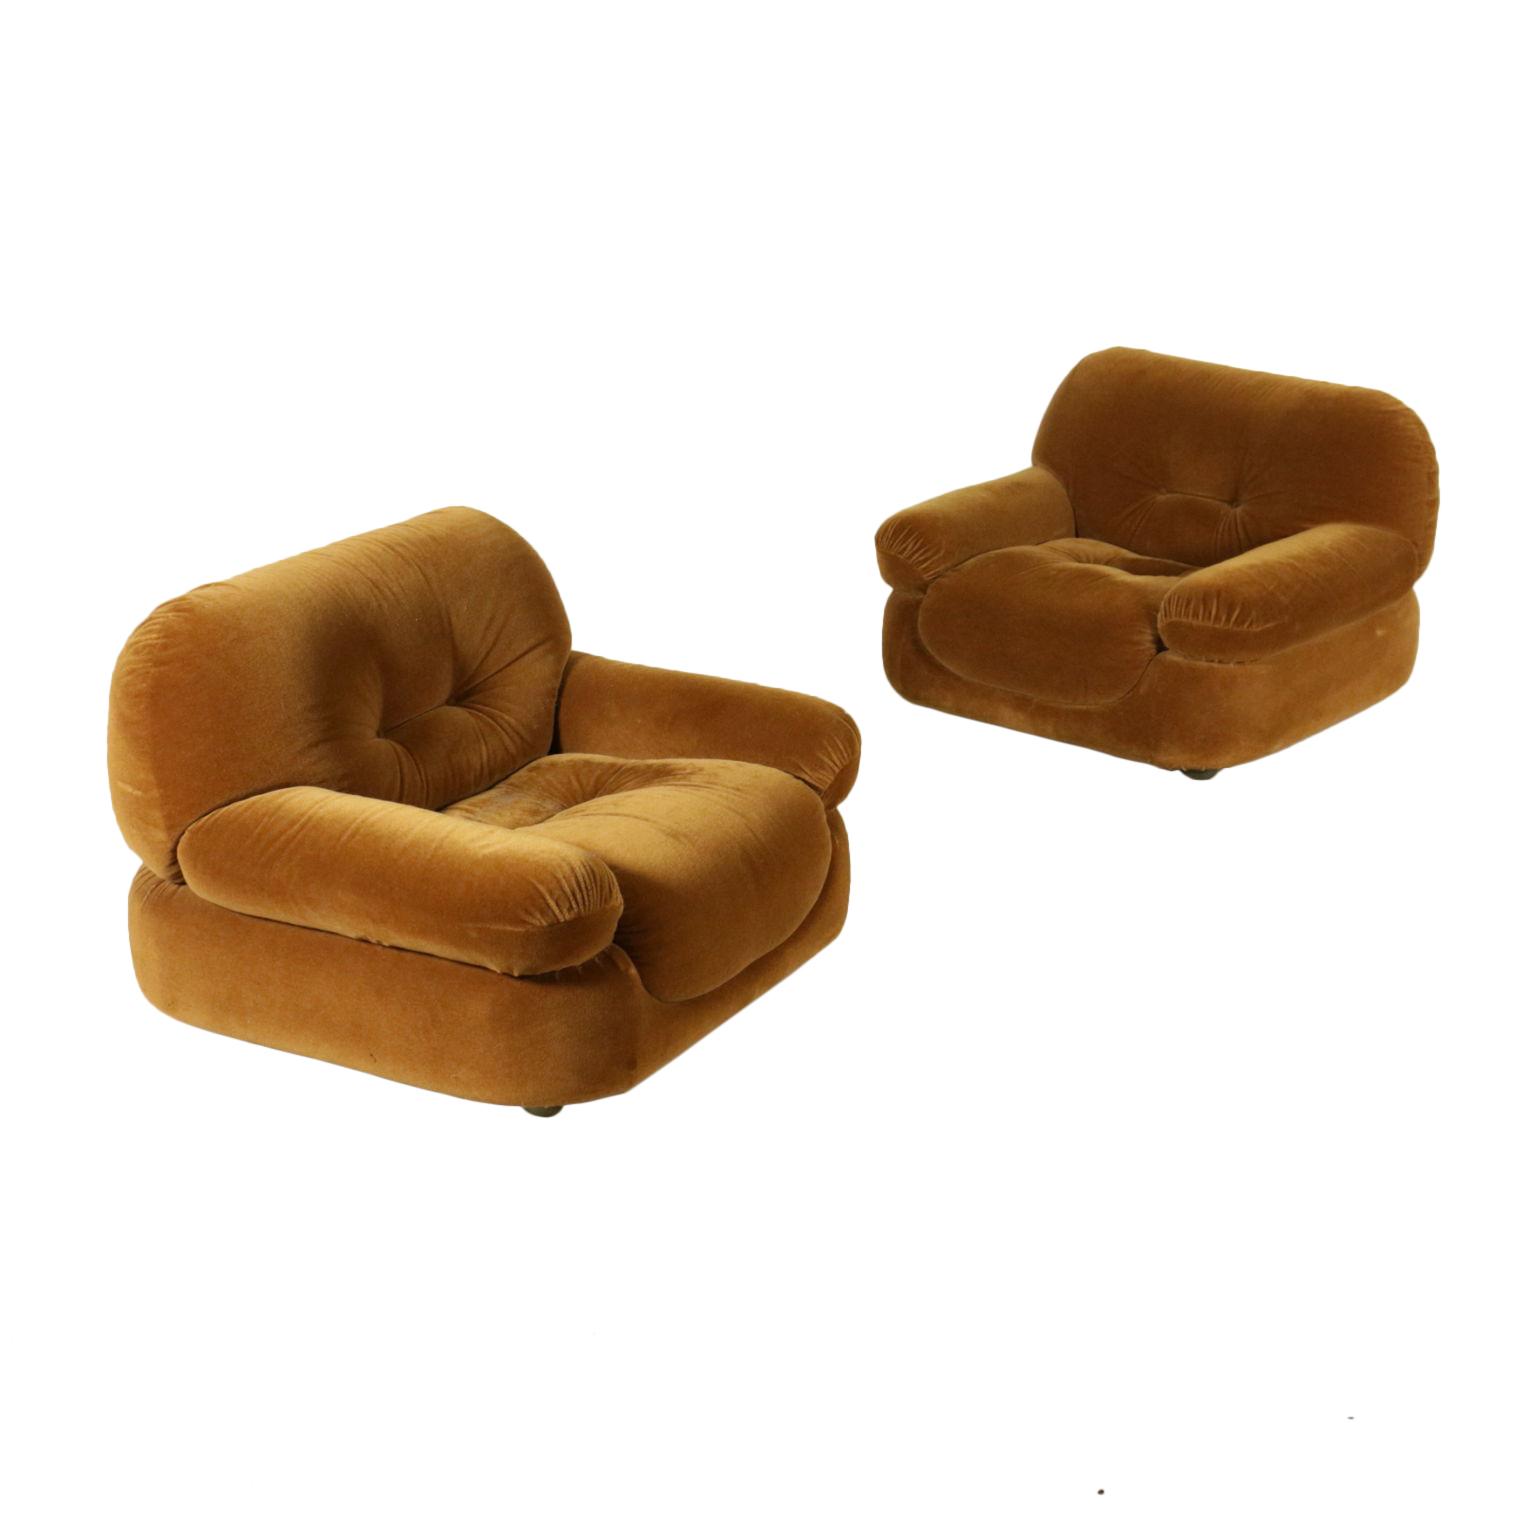 sessel 70er jahre sessel modernes design. Black Bedroom Furniture Sets. Home Design Ideas